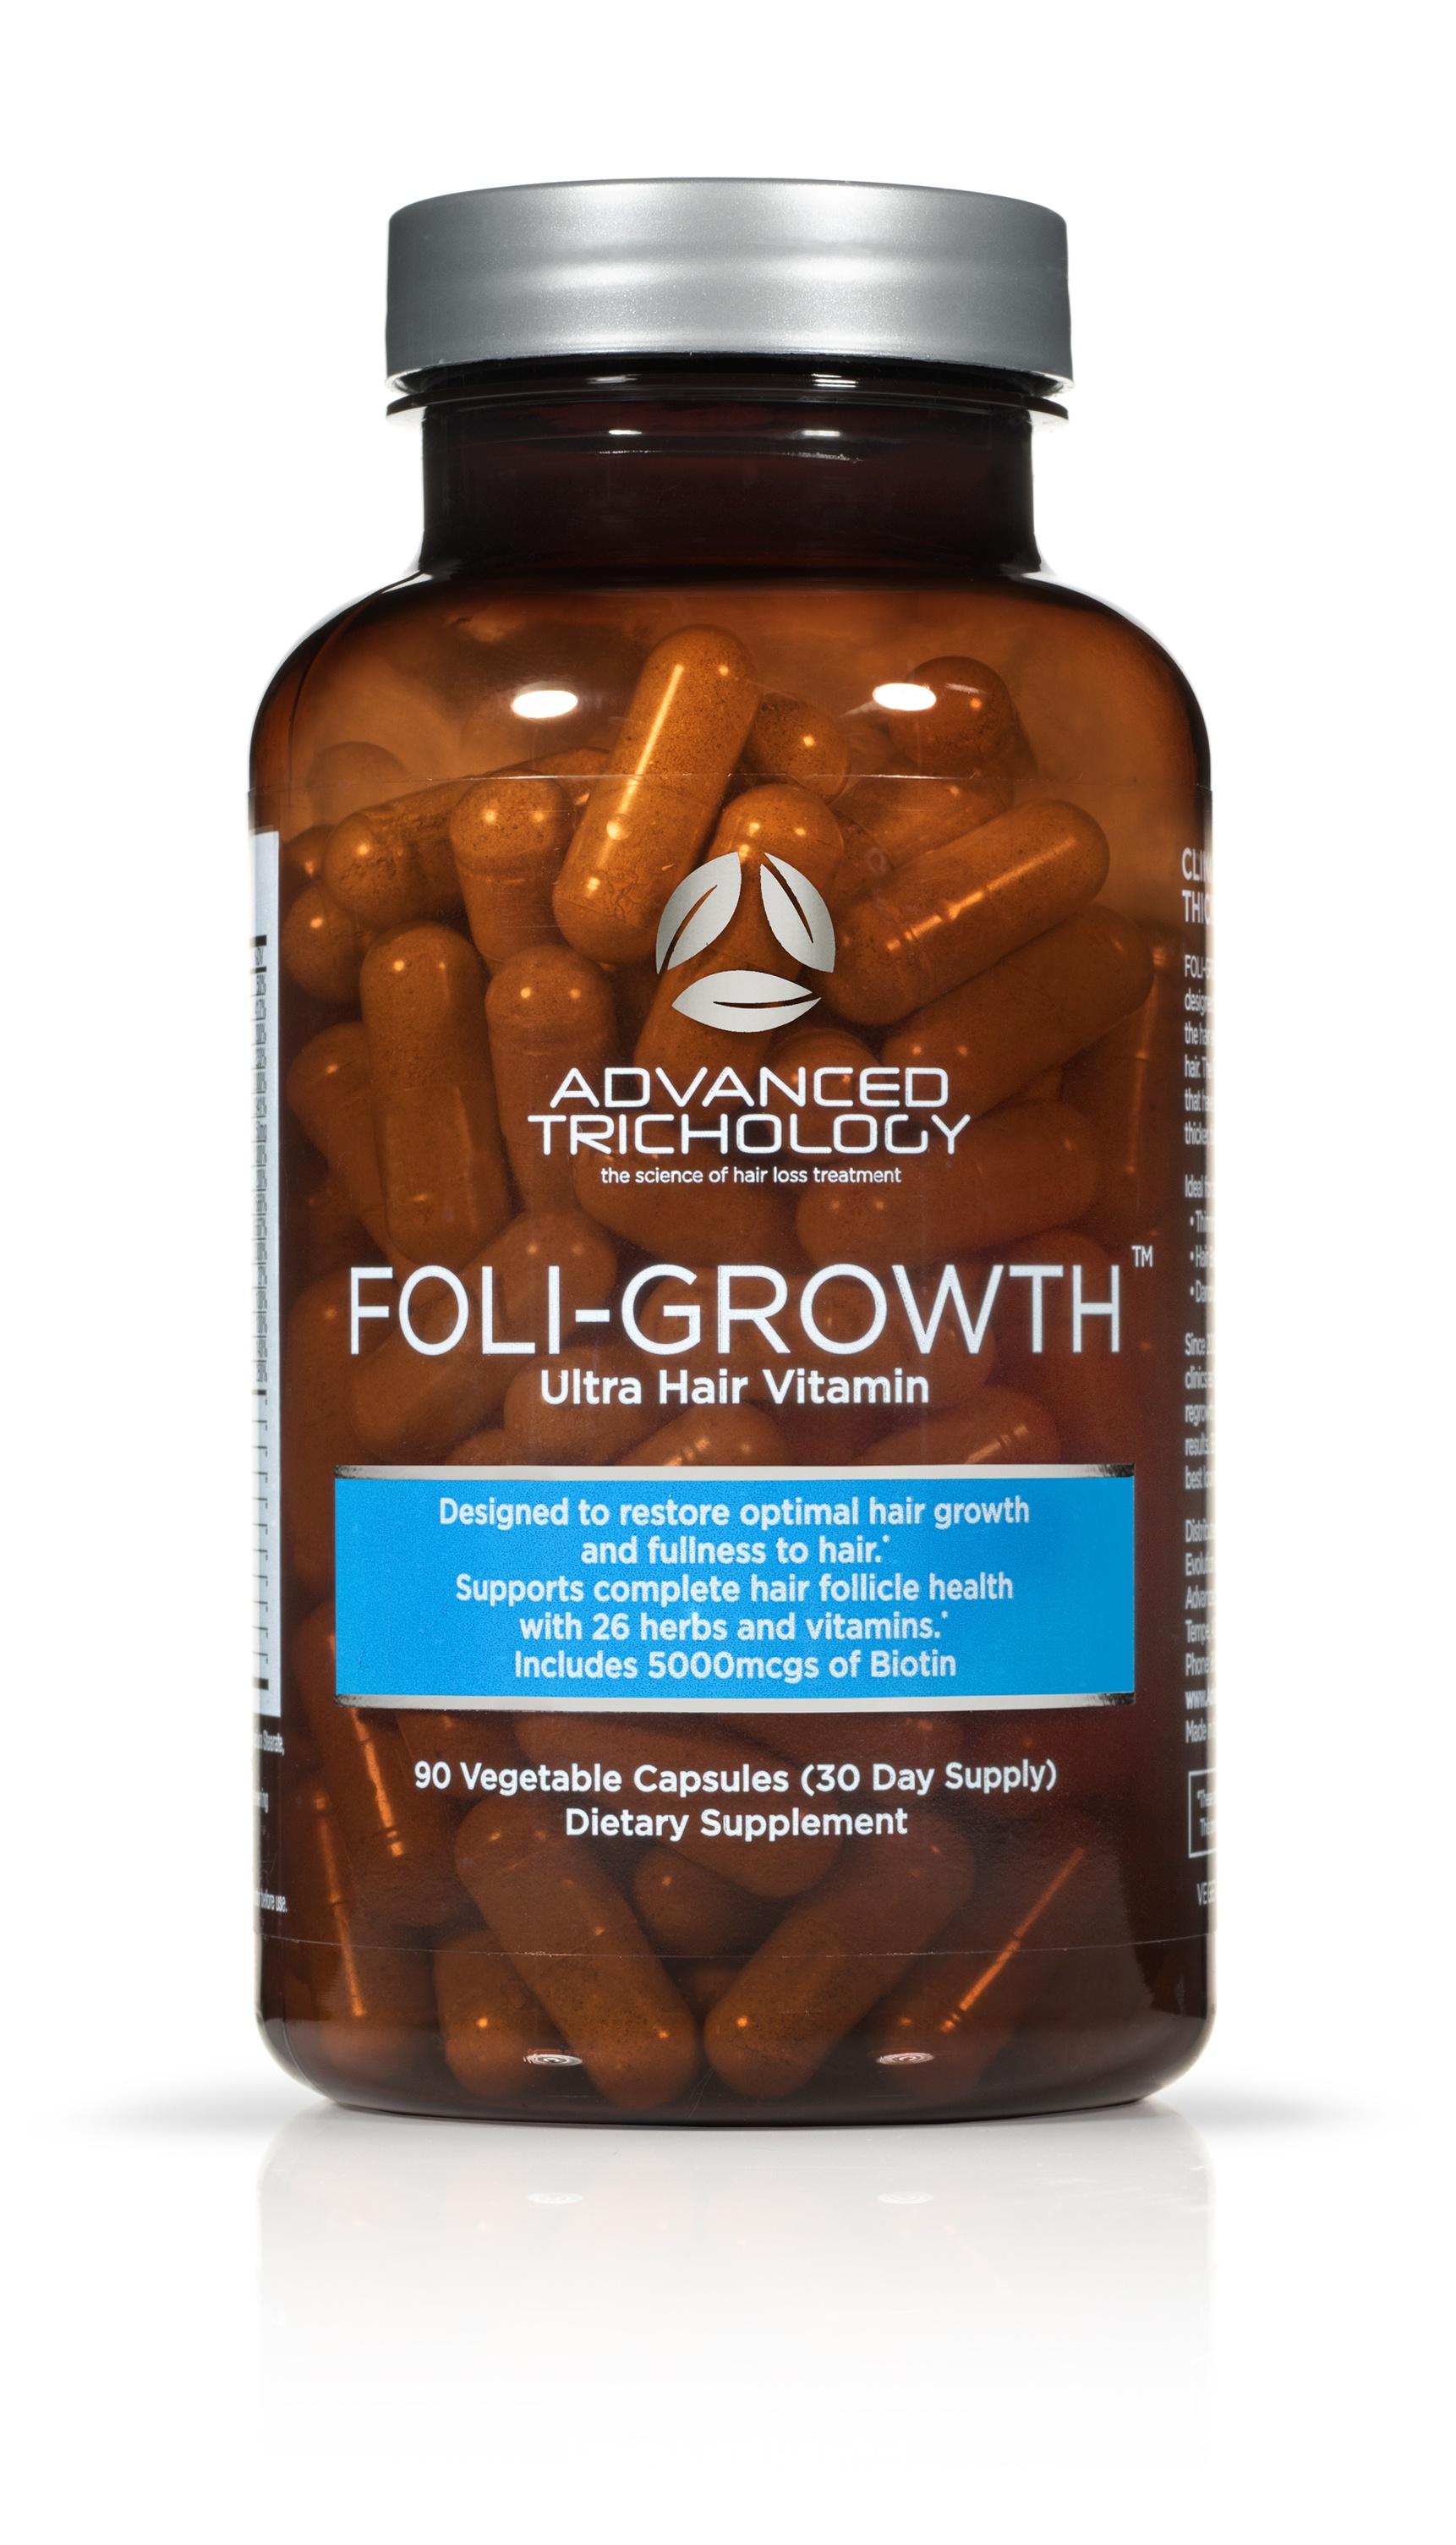 Foli-Growth Vitamin for Hair Growth